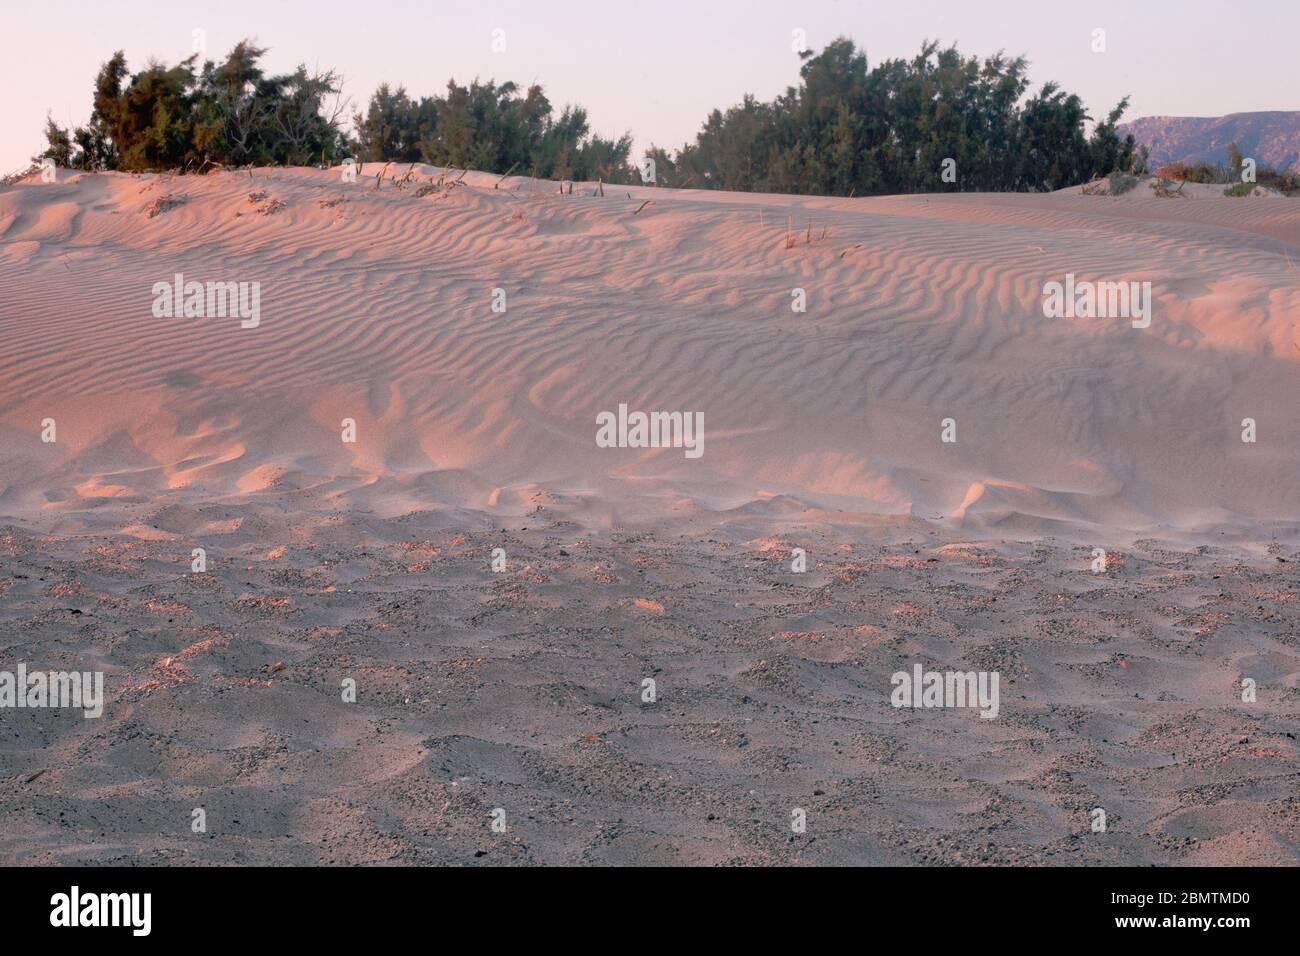 Schöne Wellen von Sand auf den Dünen bei Sunrise in Mesquite flachen Sanddünen mit grünen Pflanzen, Griechenland, Elafonisy Stockfoto